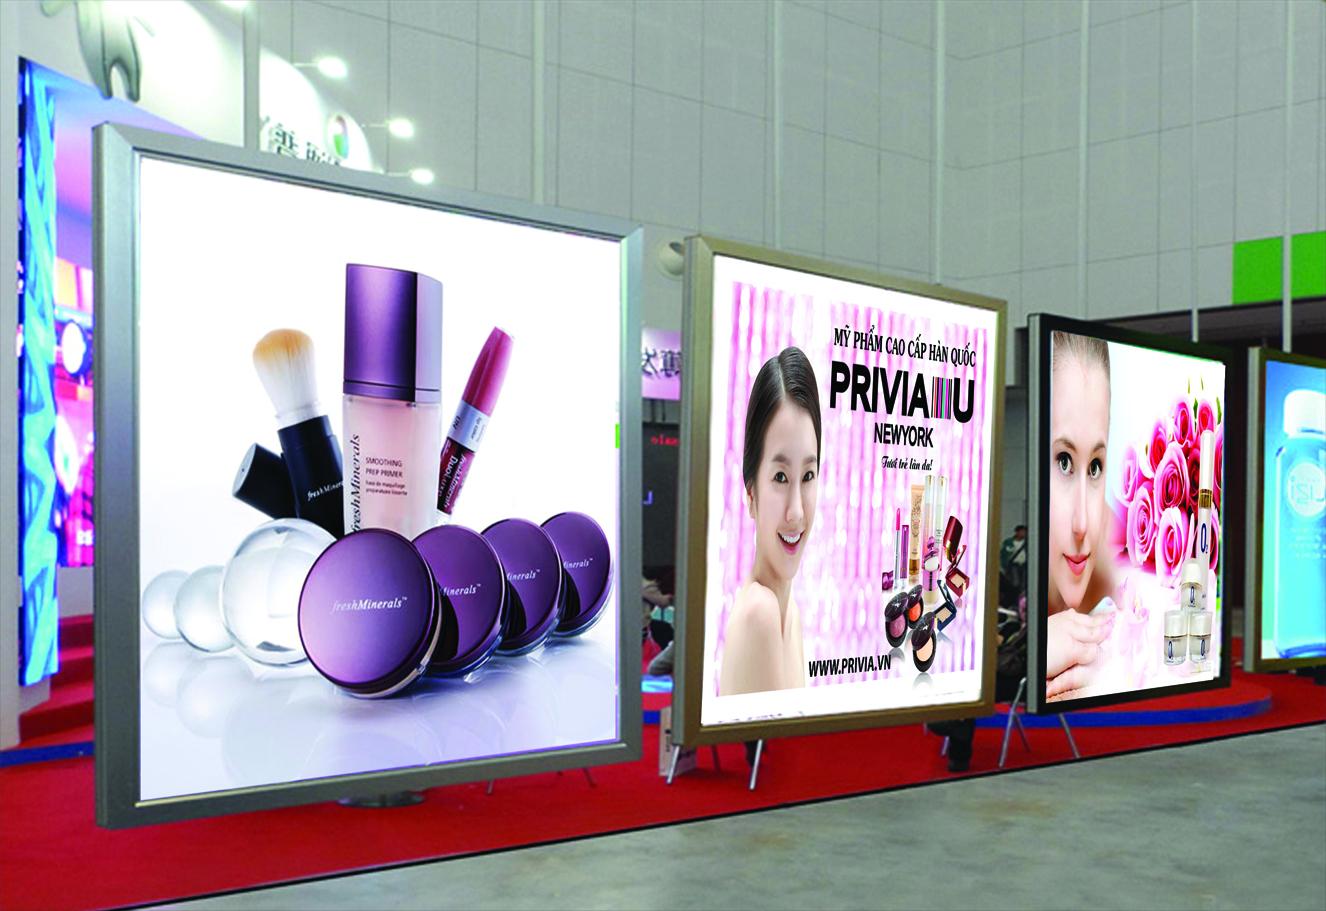 Thi công hộp đèn quảng cáo chất lượng tại Hà Nội